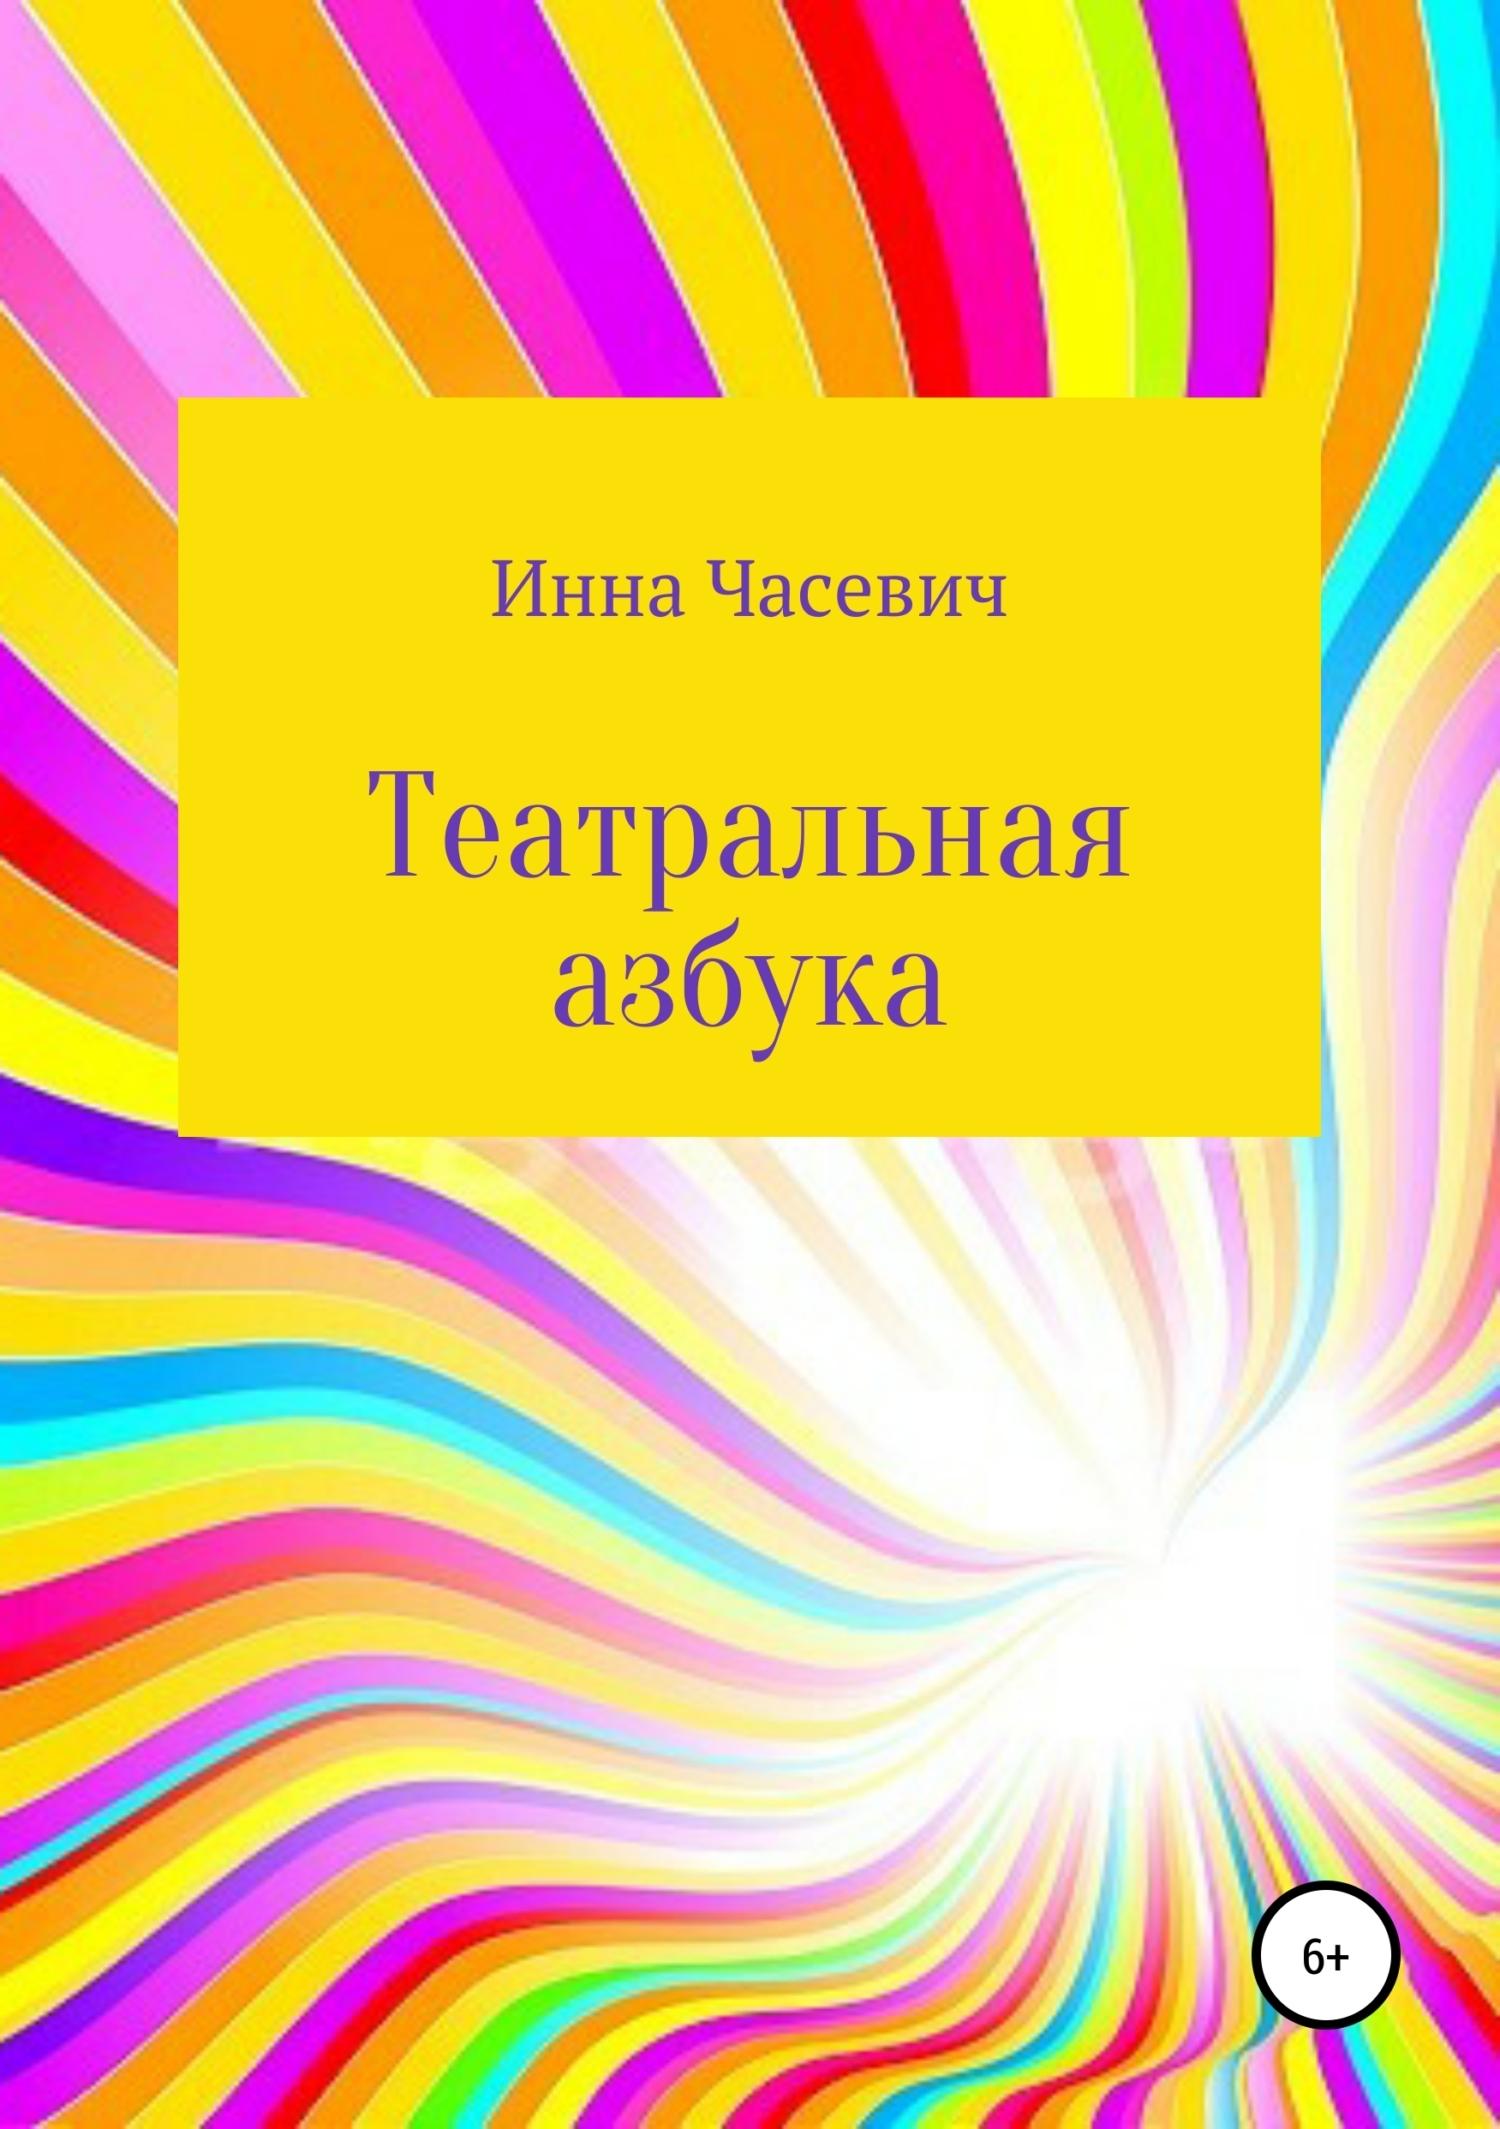 Купить книгу Театральная азбука, автора Инны Часевич